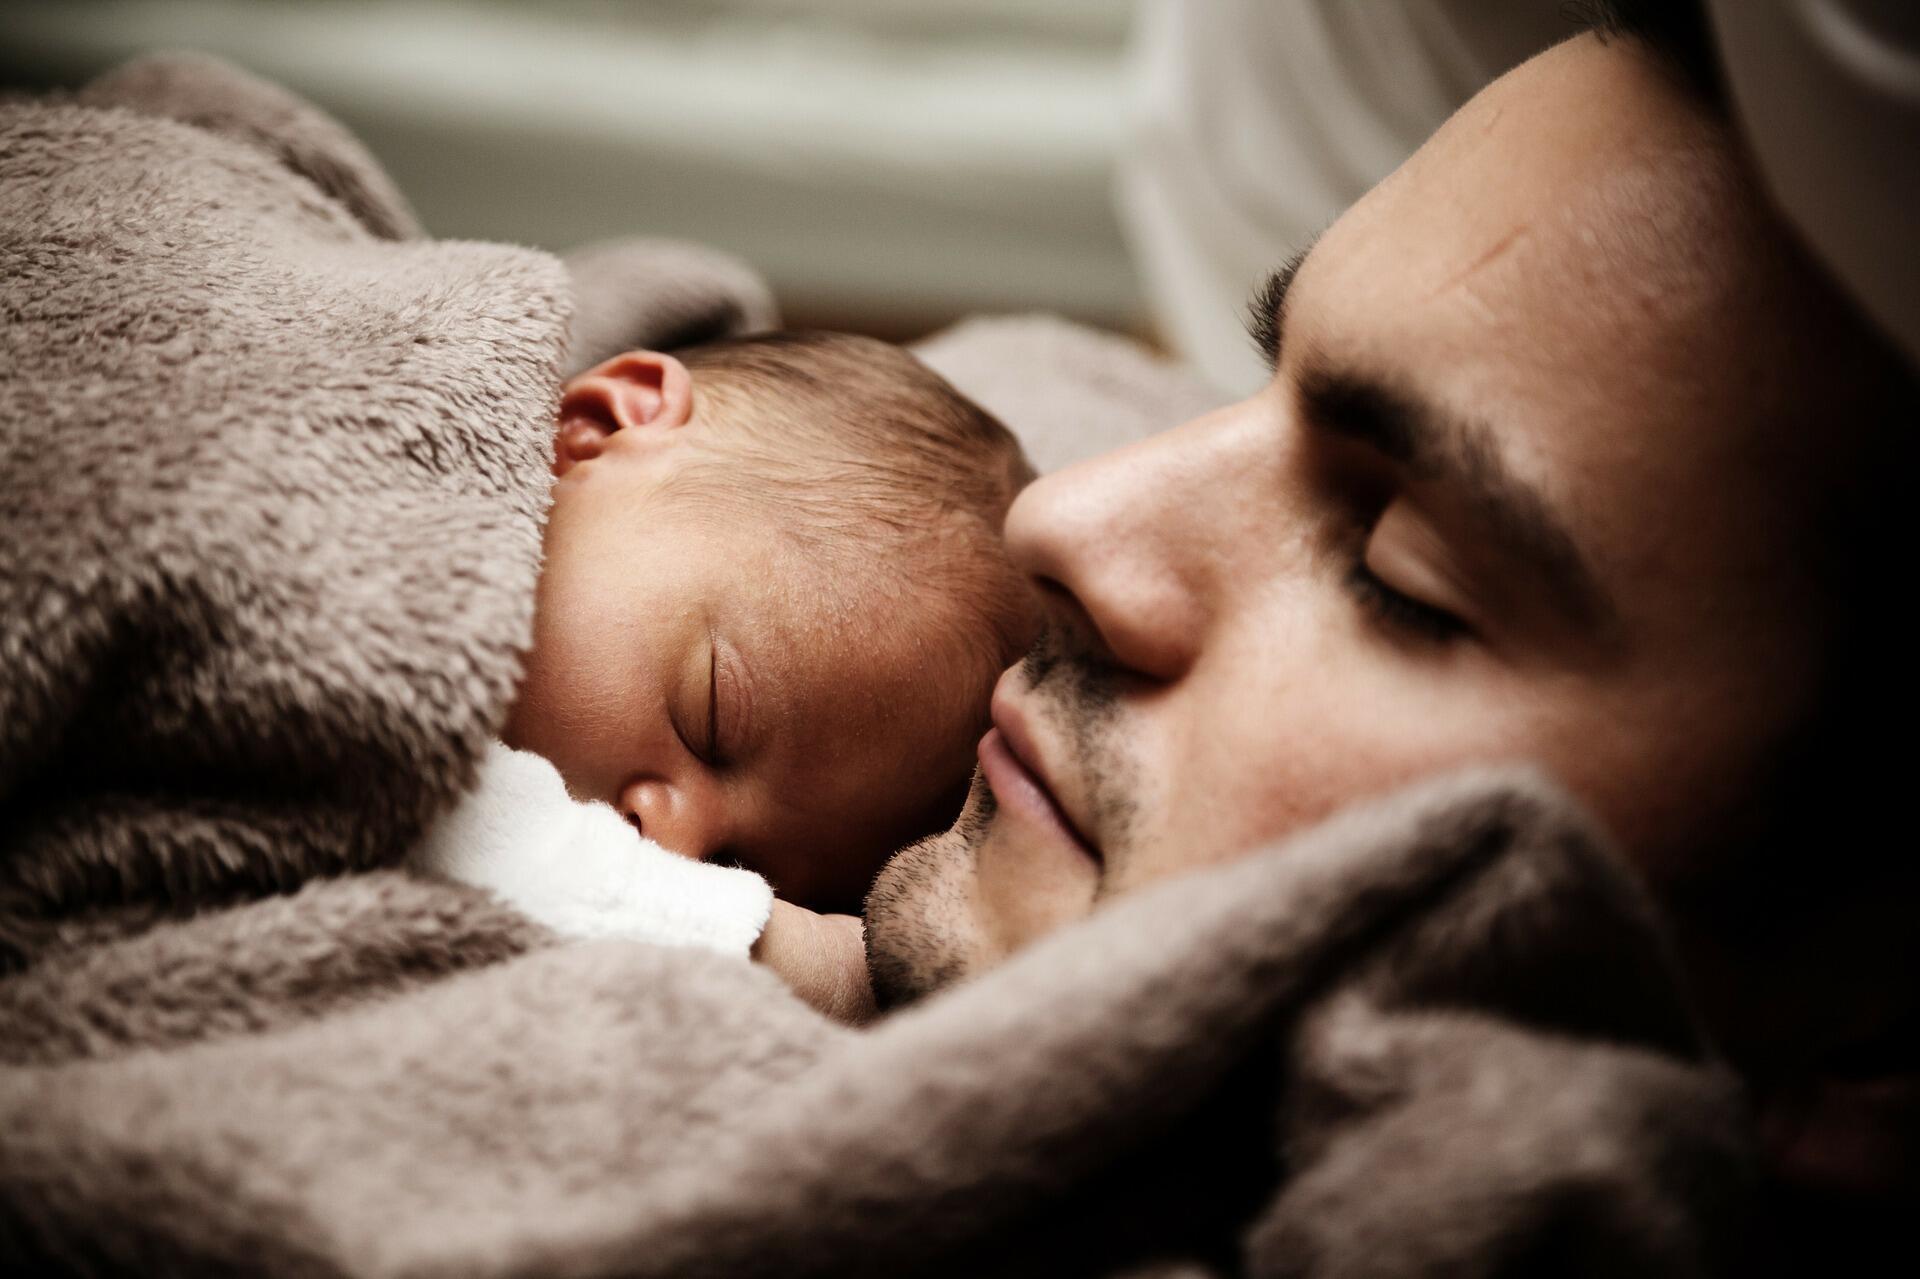 Como as mães, pais franceses podem pegar uma licença licença parental para cuidar dos filhos por até dois anos.